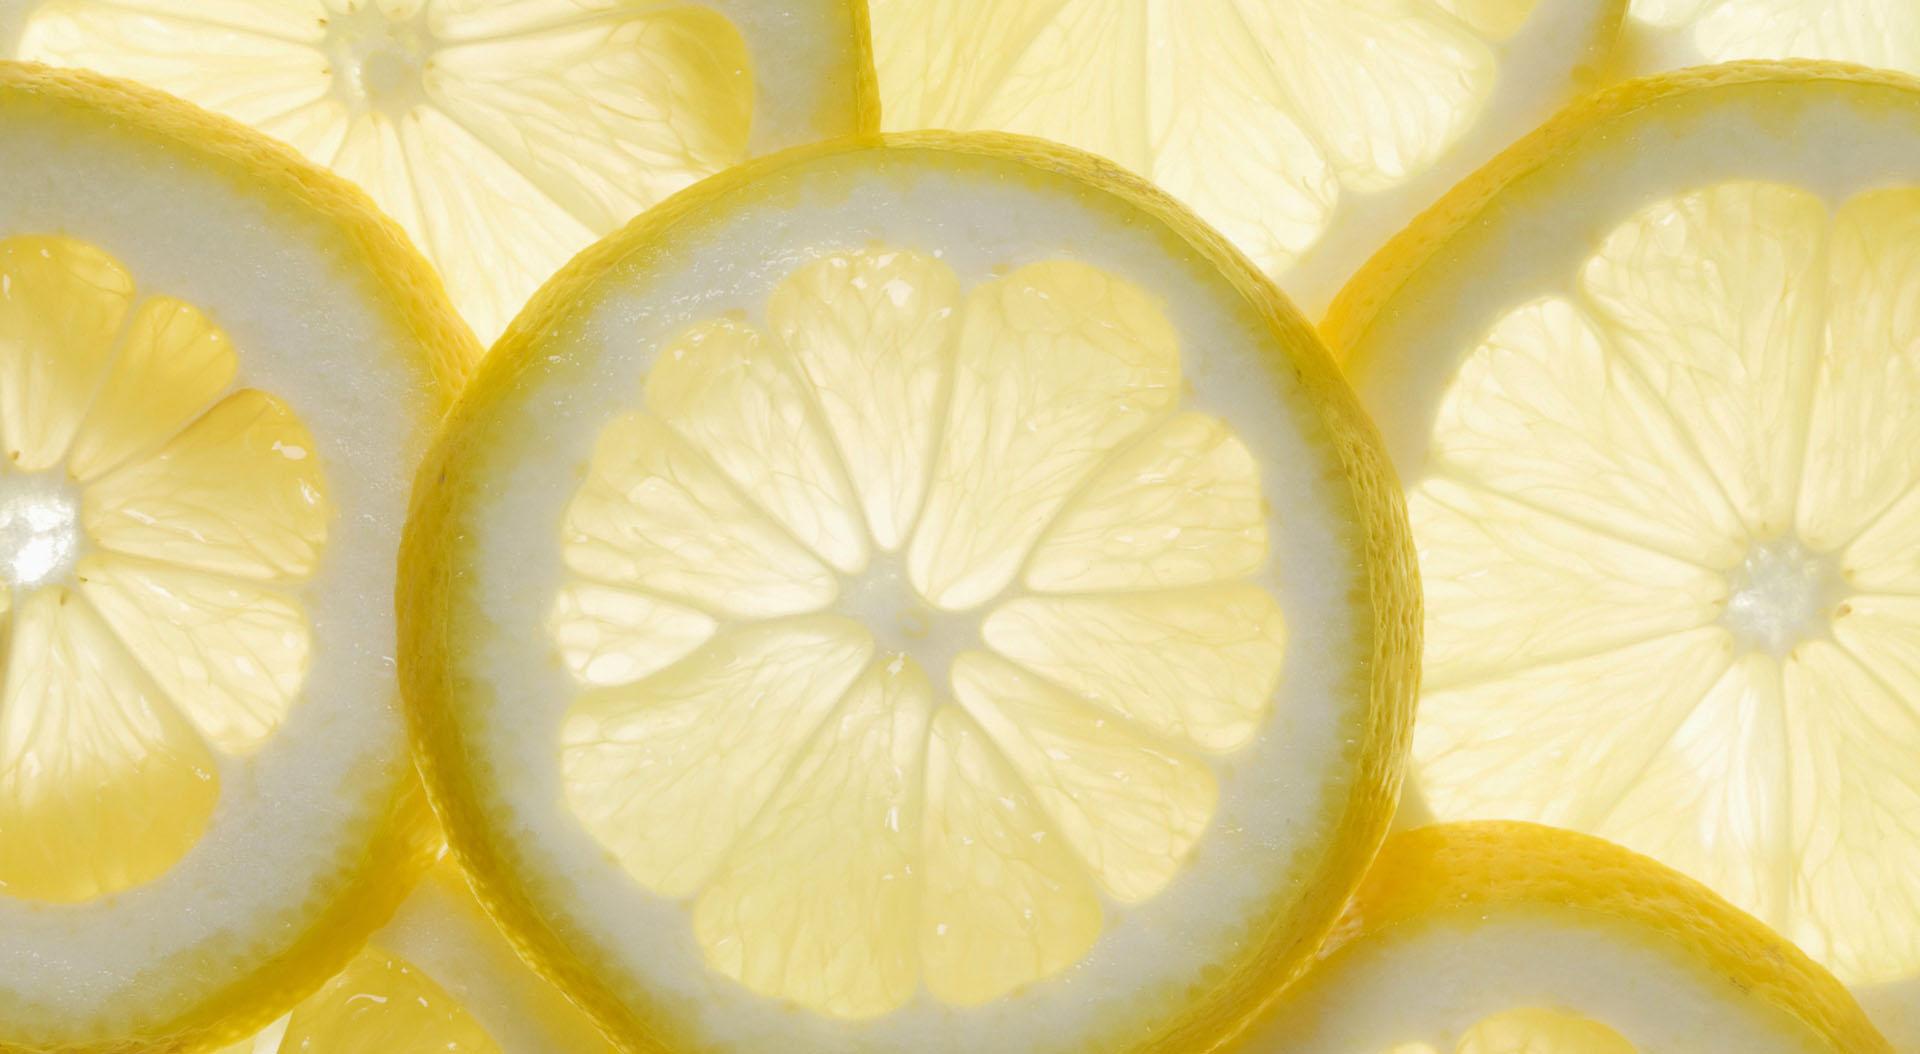 Le citron et ses précieuses vertus pour notre santé